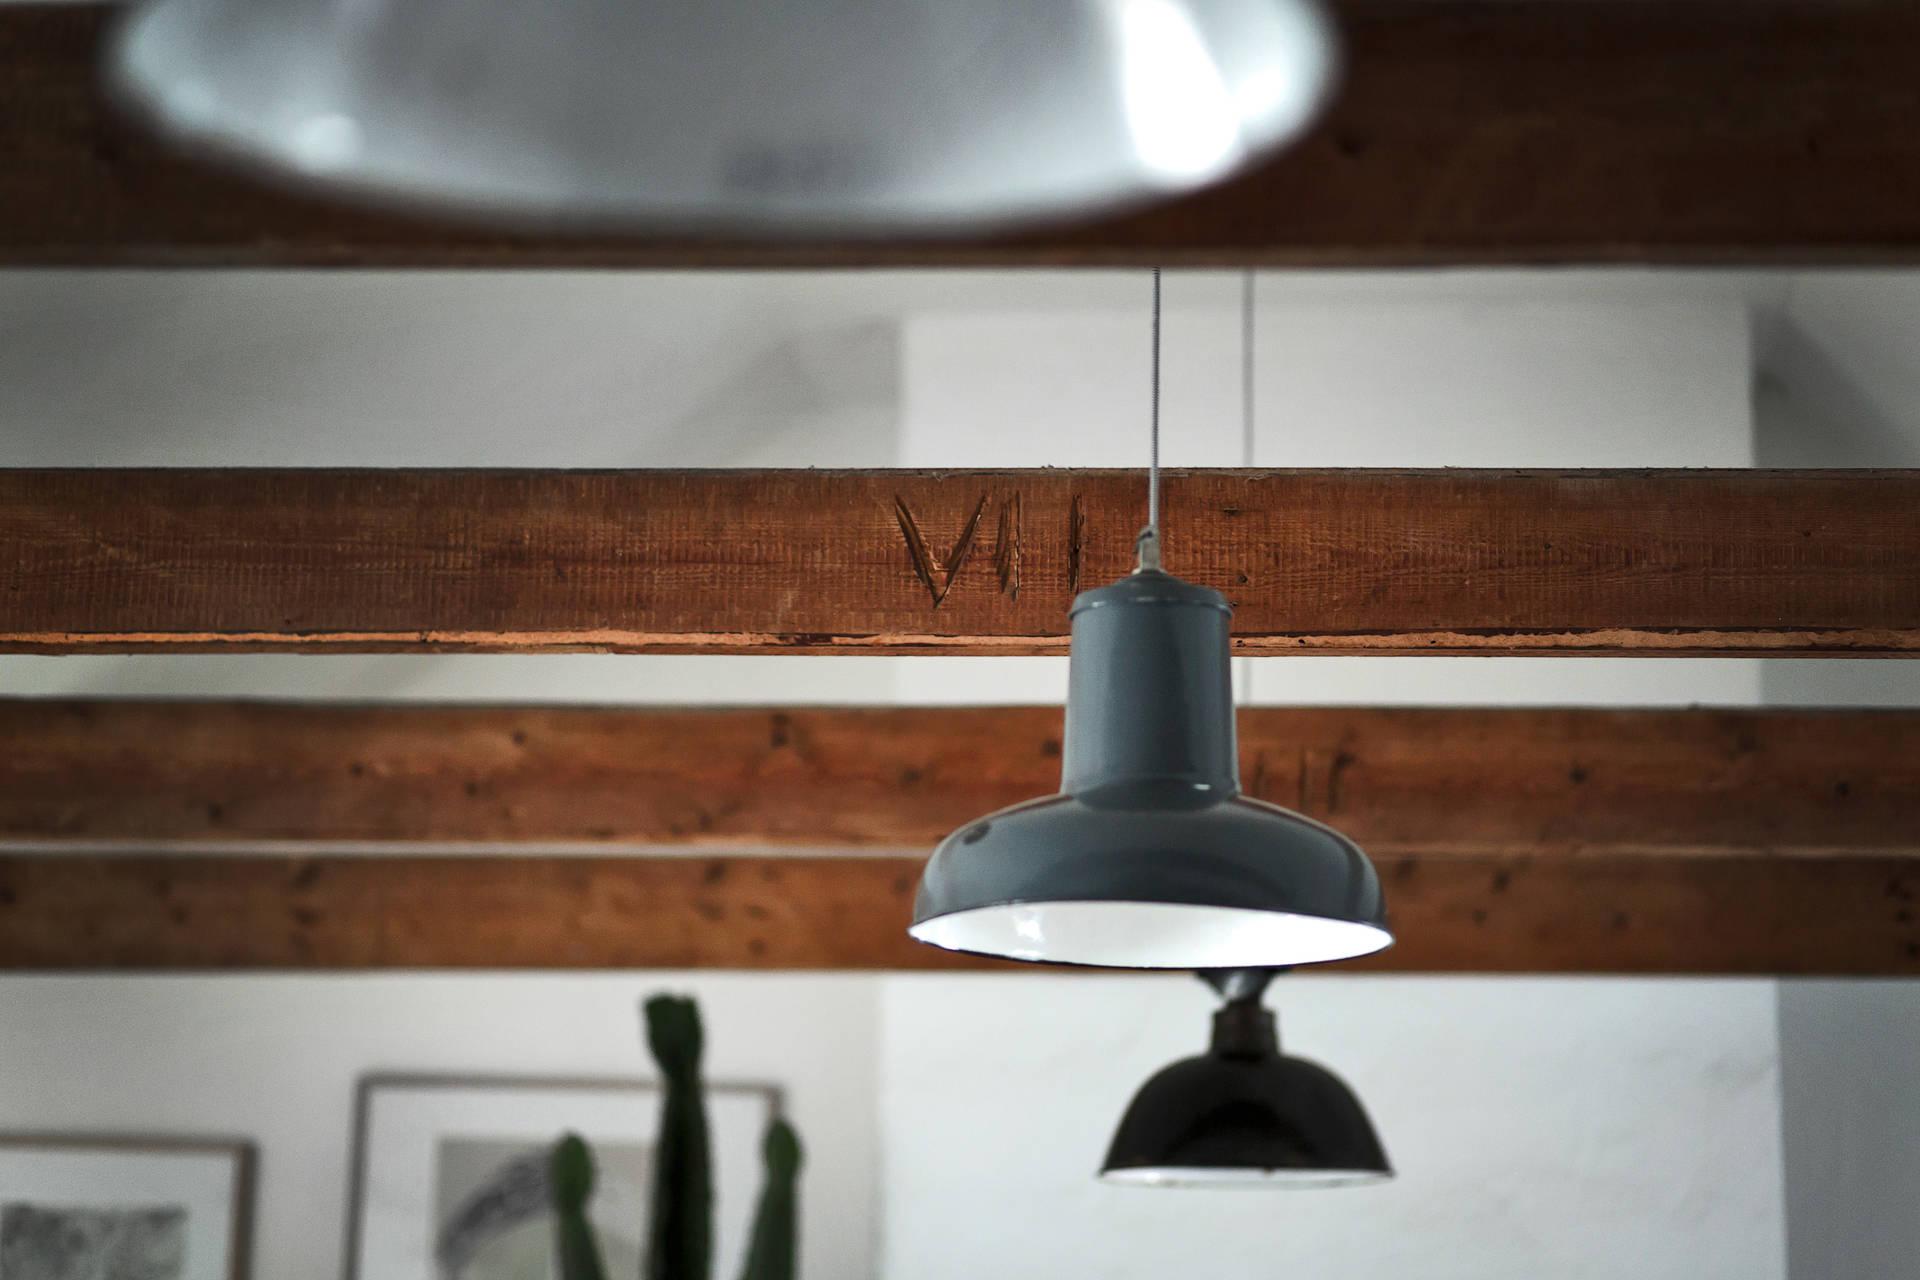 потолок балки лампы